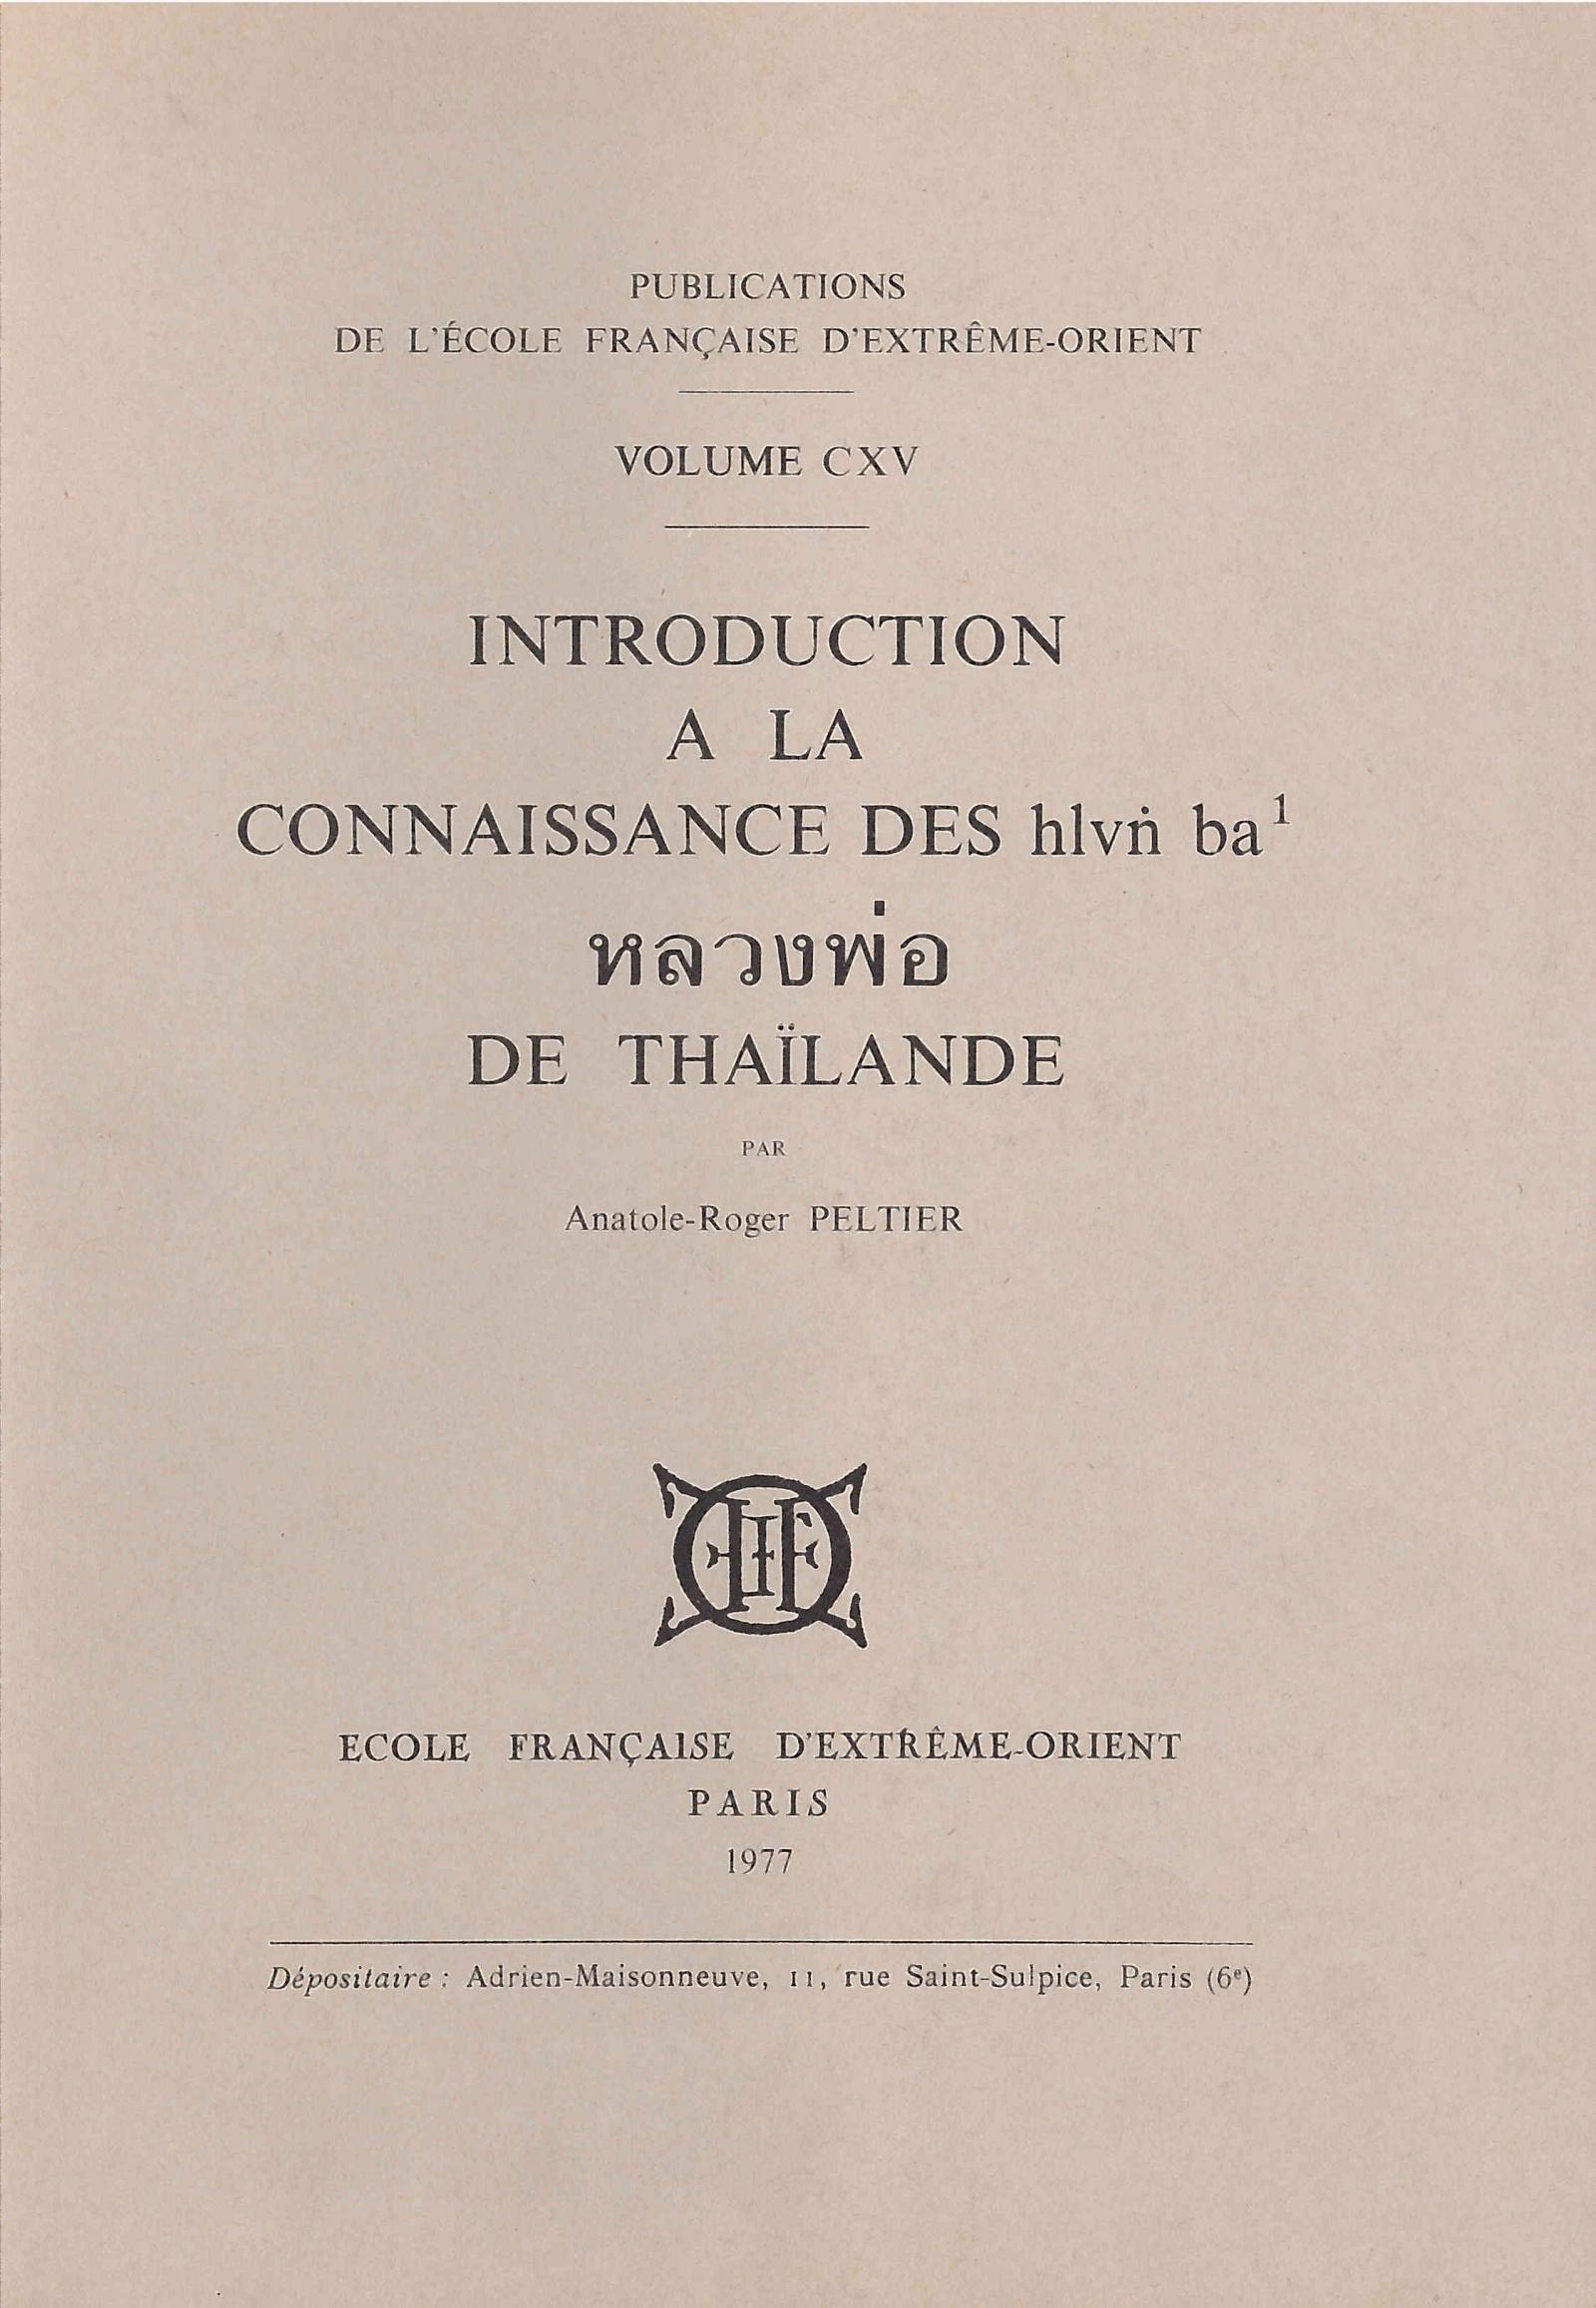 Introduction à la connaissance des hlvṅ ba หลวงพ่อ de Thaïlande